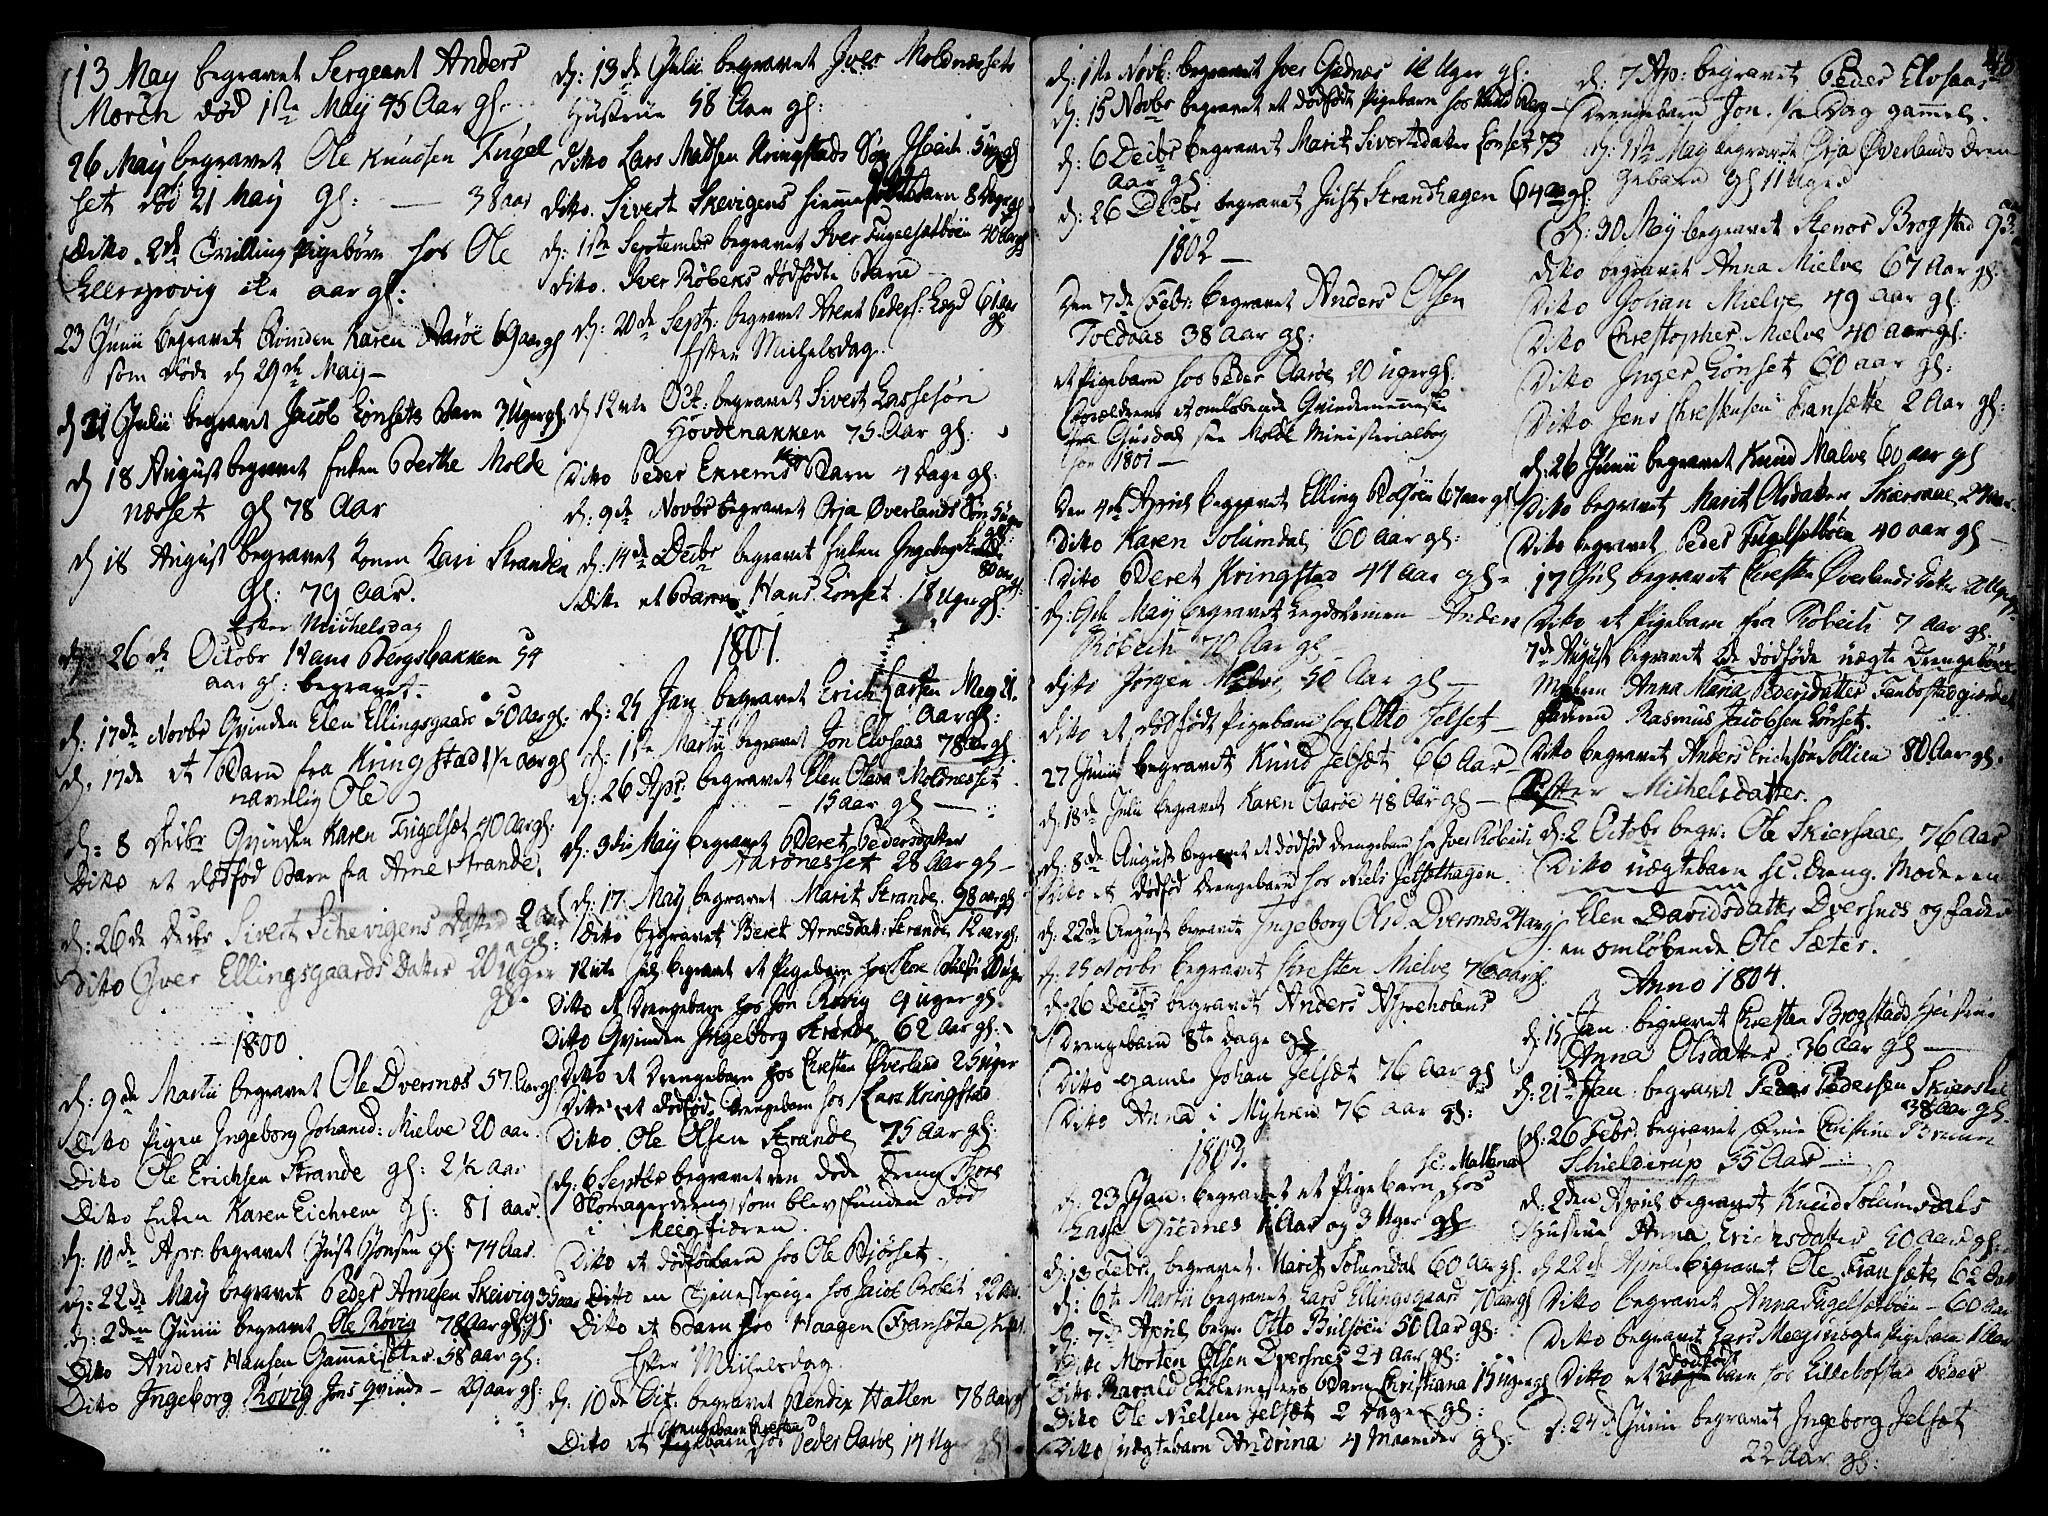 SAT, Ministerialprotokoller, klokkerbøker og fødselsregistre - Møre og Romsdal, 555/L0649: Ministerialbok nr. 555A02 /1, 1795-1821, s. 48